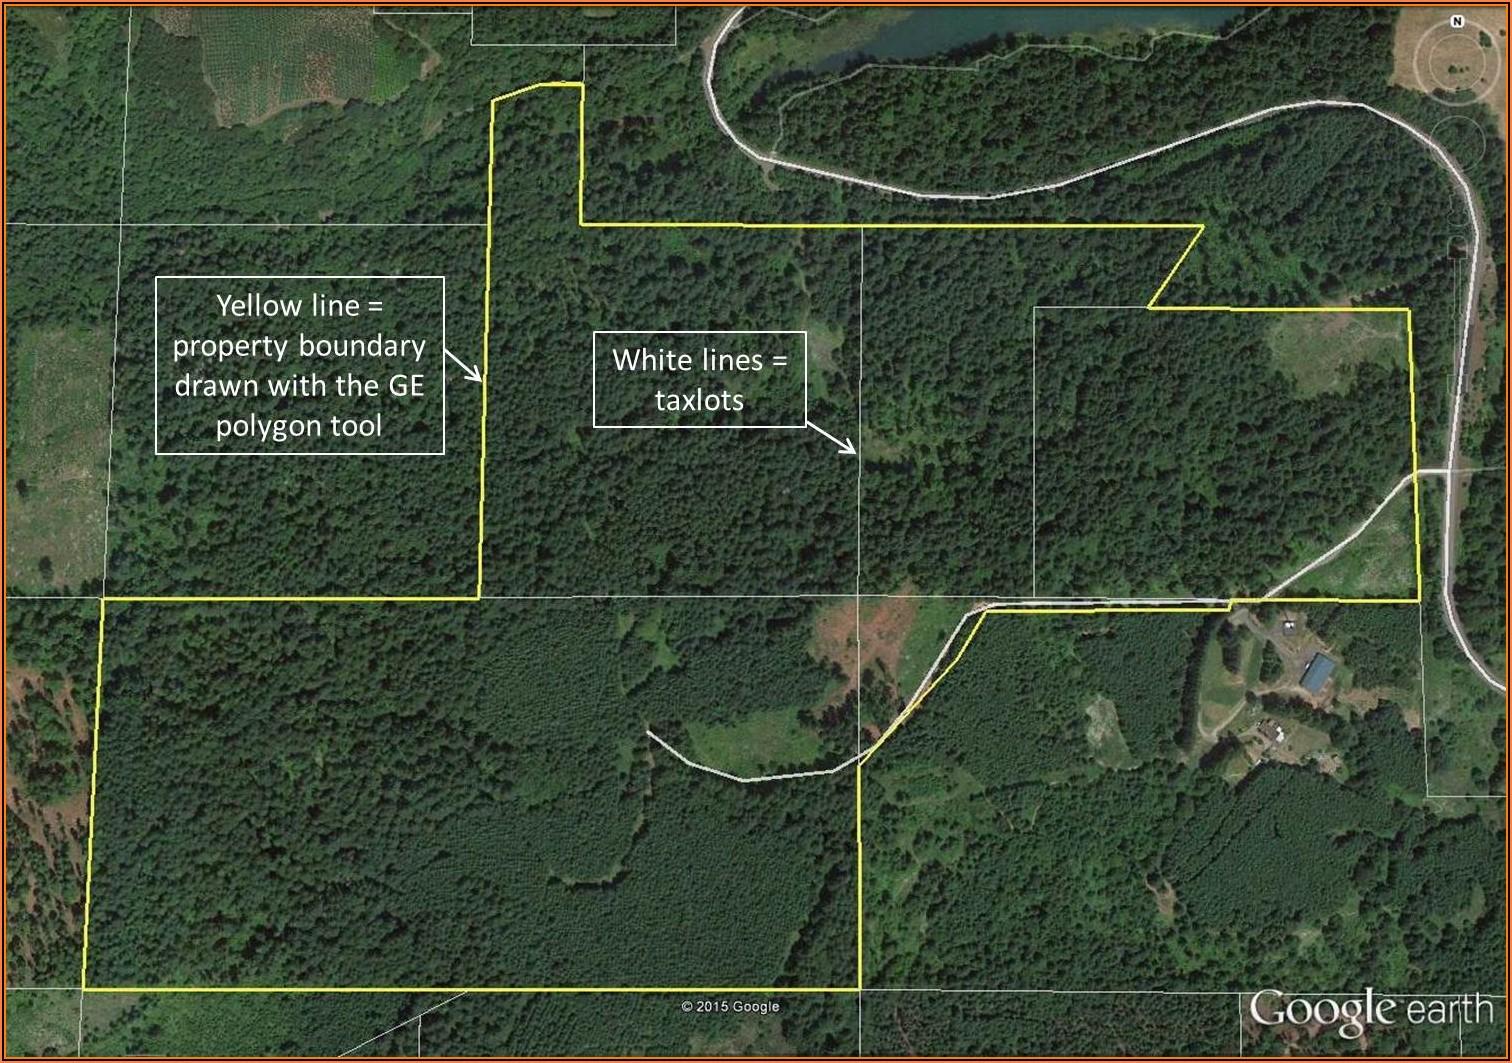 Gps Land Ownership Maps